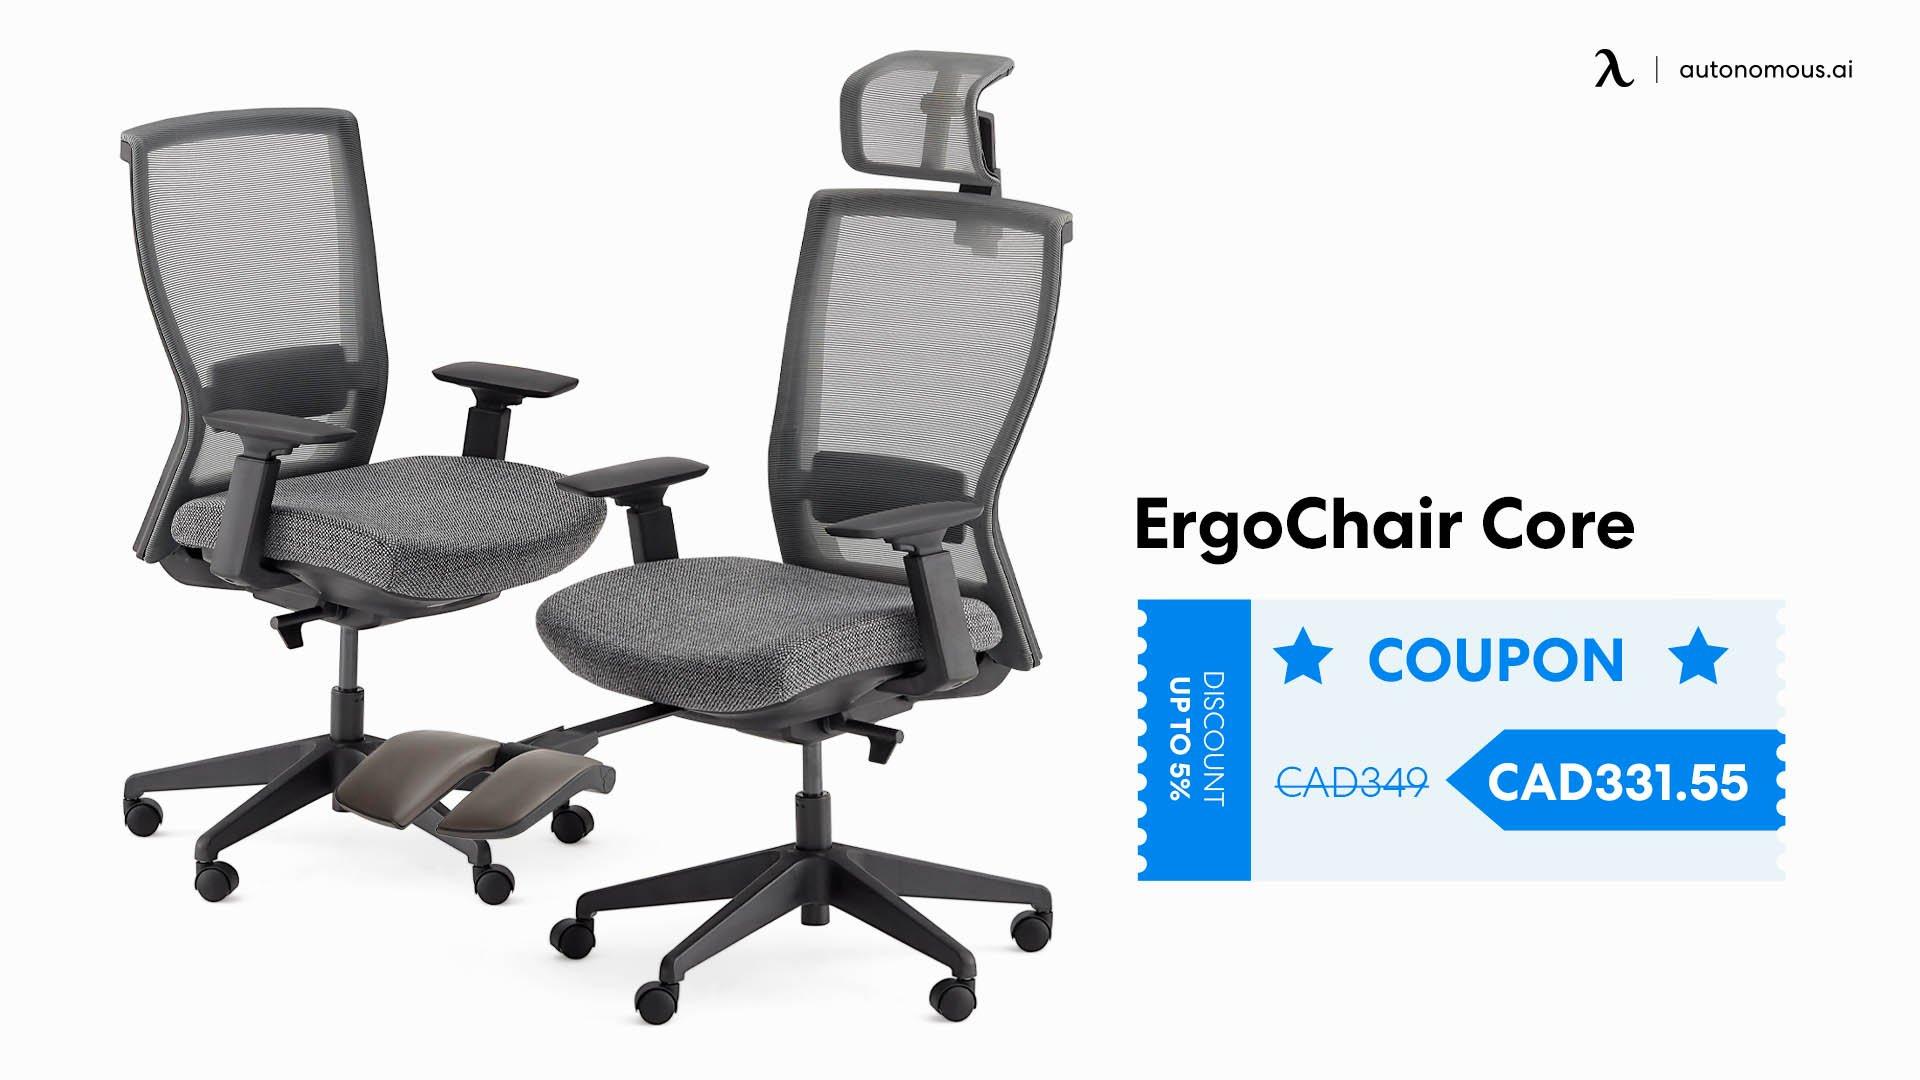 ErgoChair Core